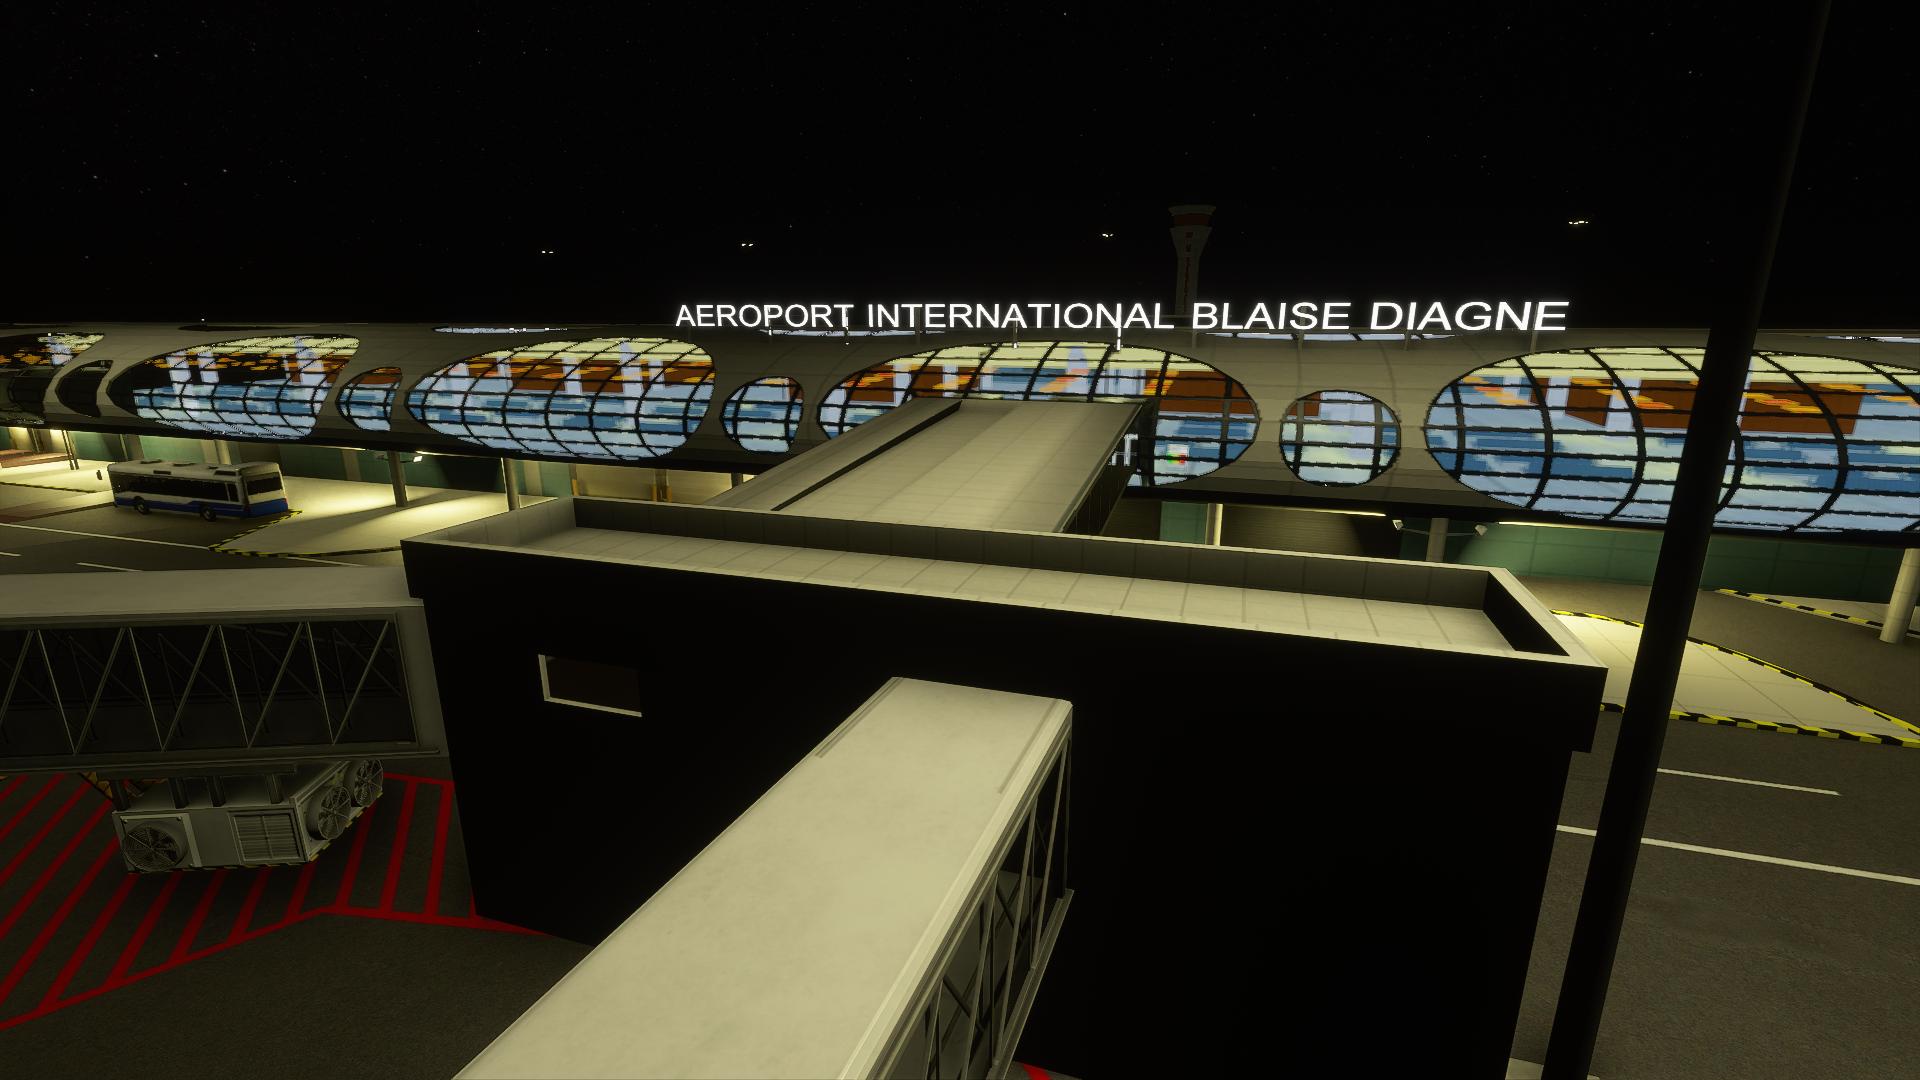 FlightSimulator 2020-09-03 22-25-44-61.png